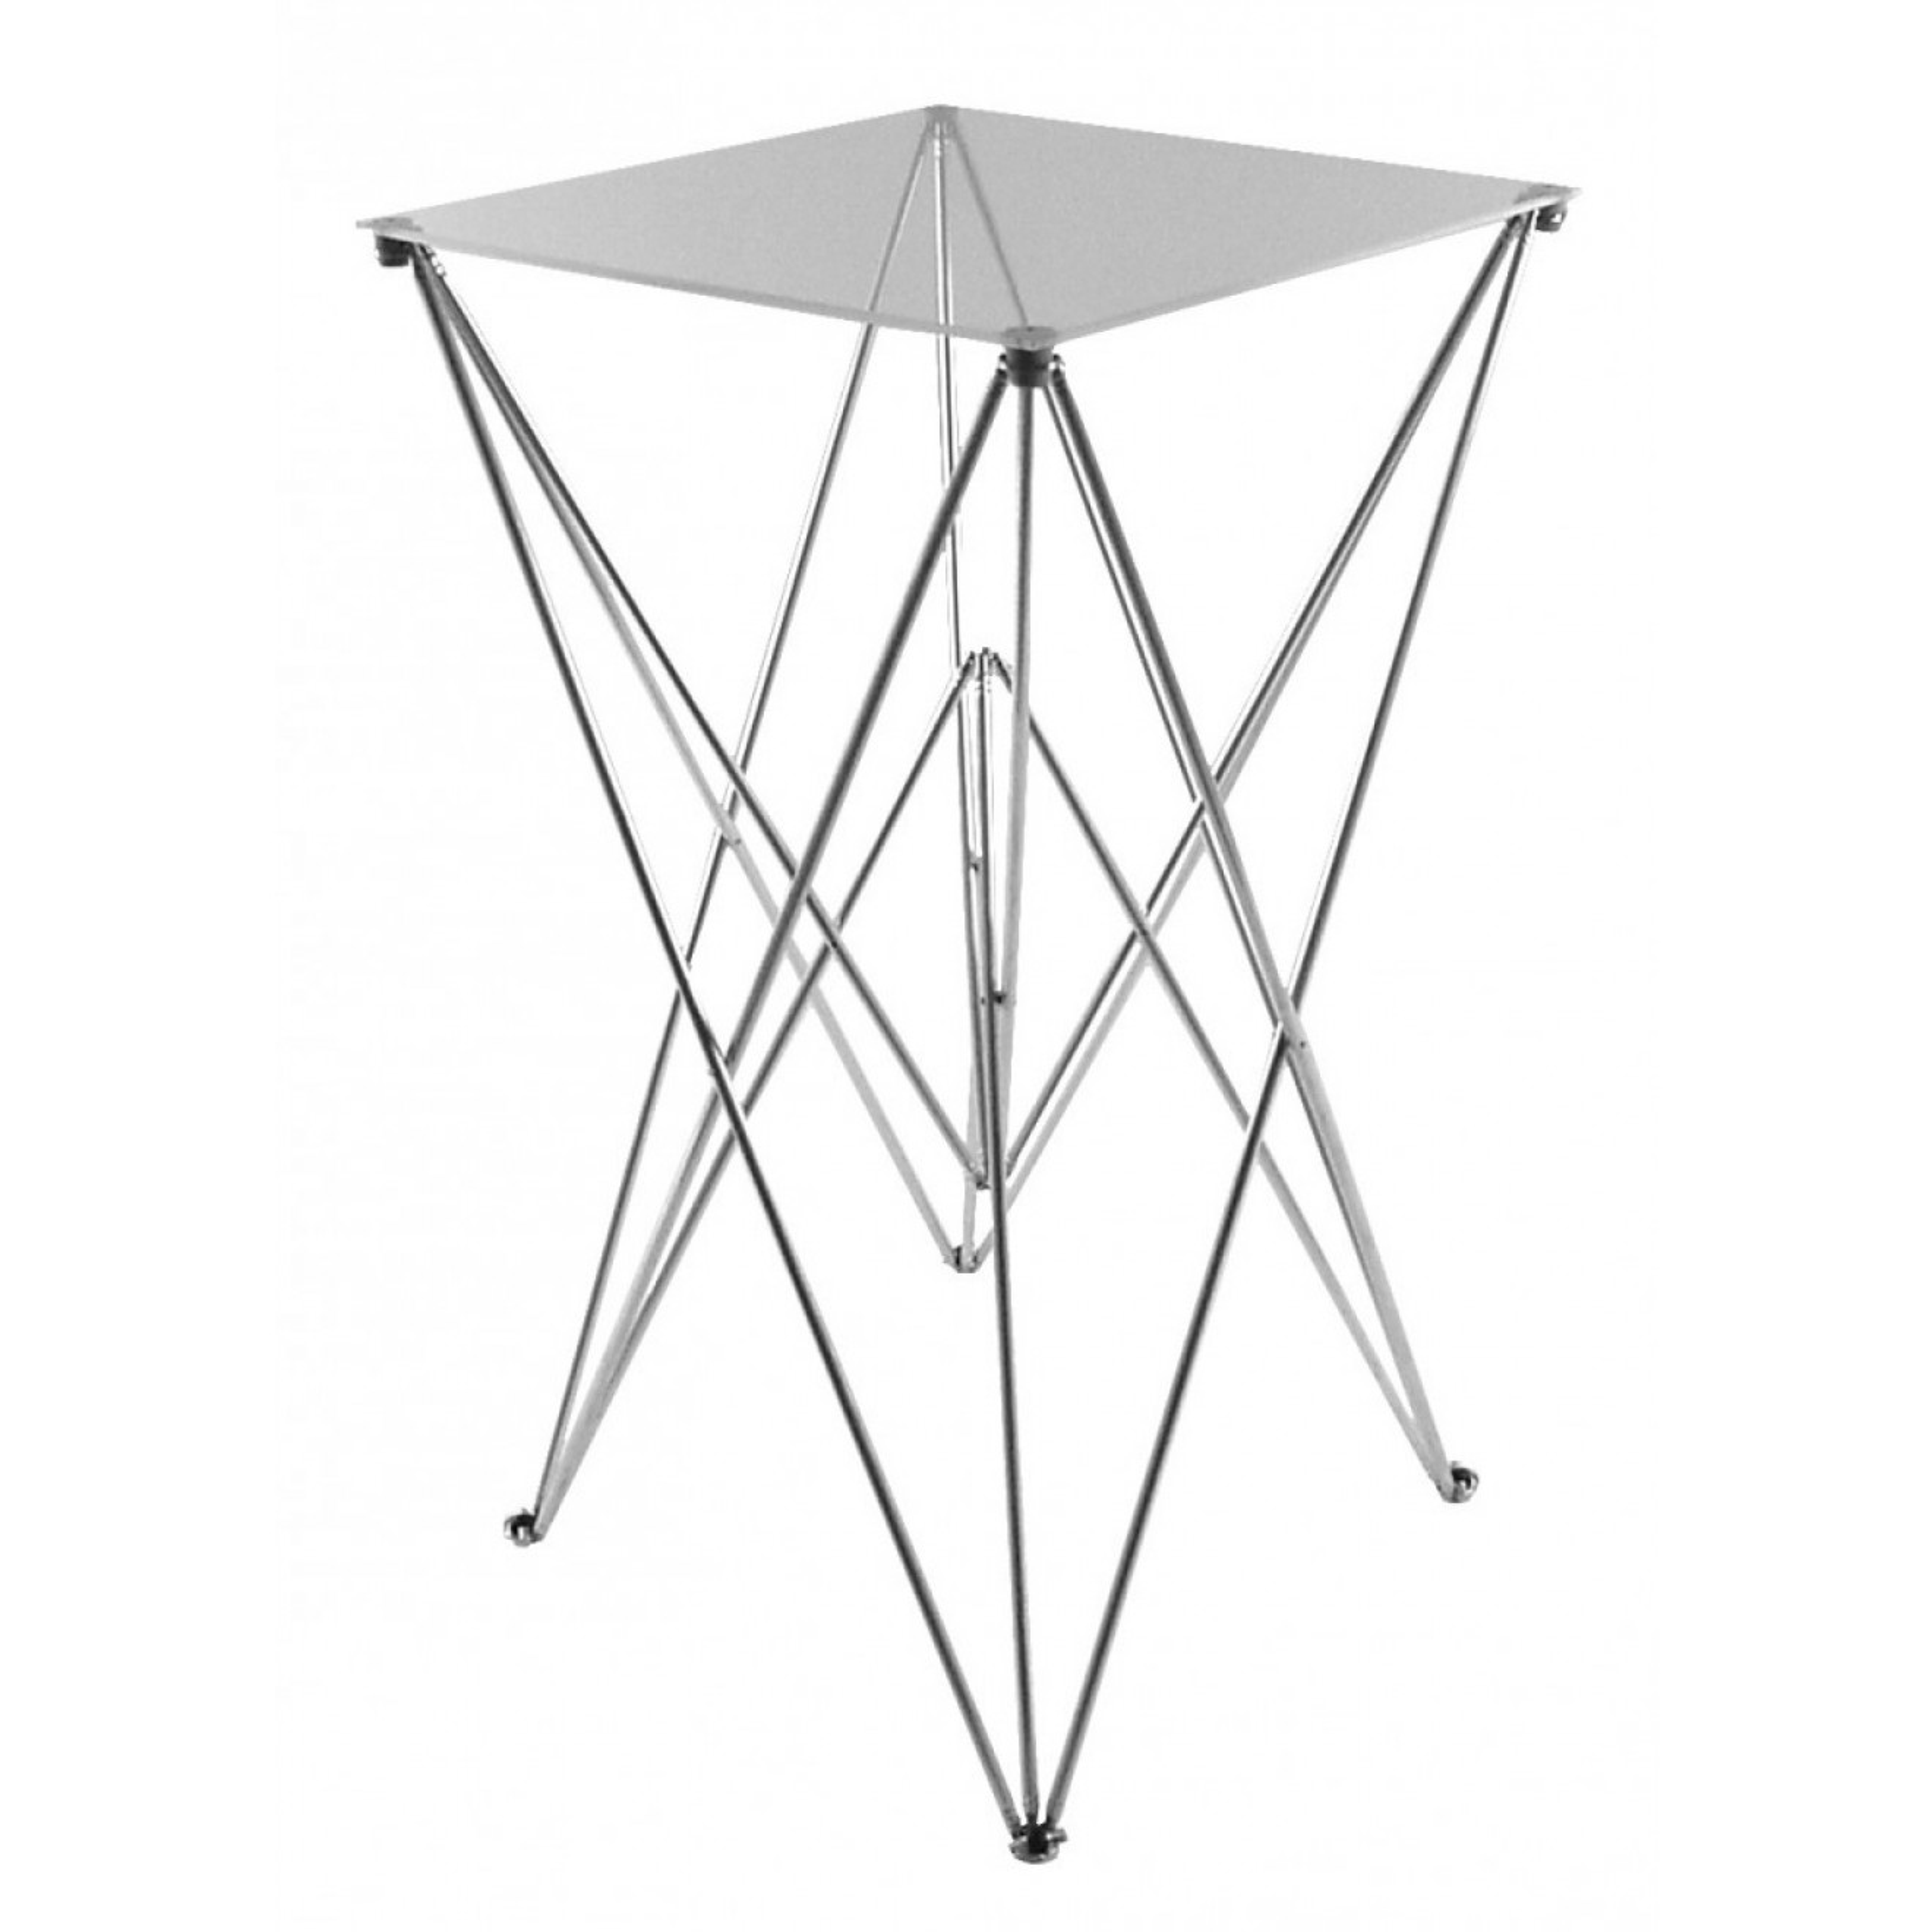 Spidertisch 10050 Höhe 91 Cm Willkommen Im Spider Evoflex Shop